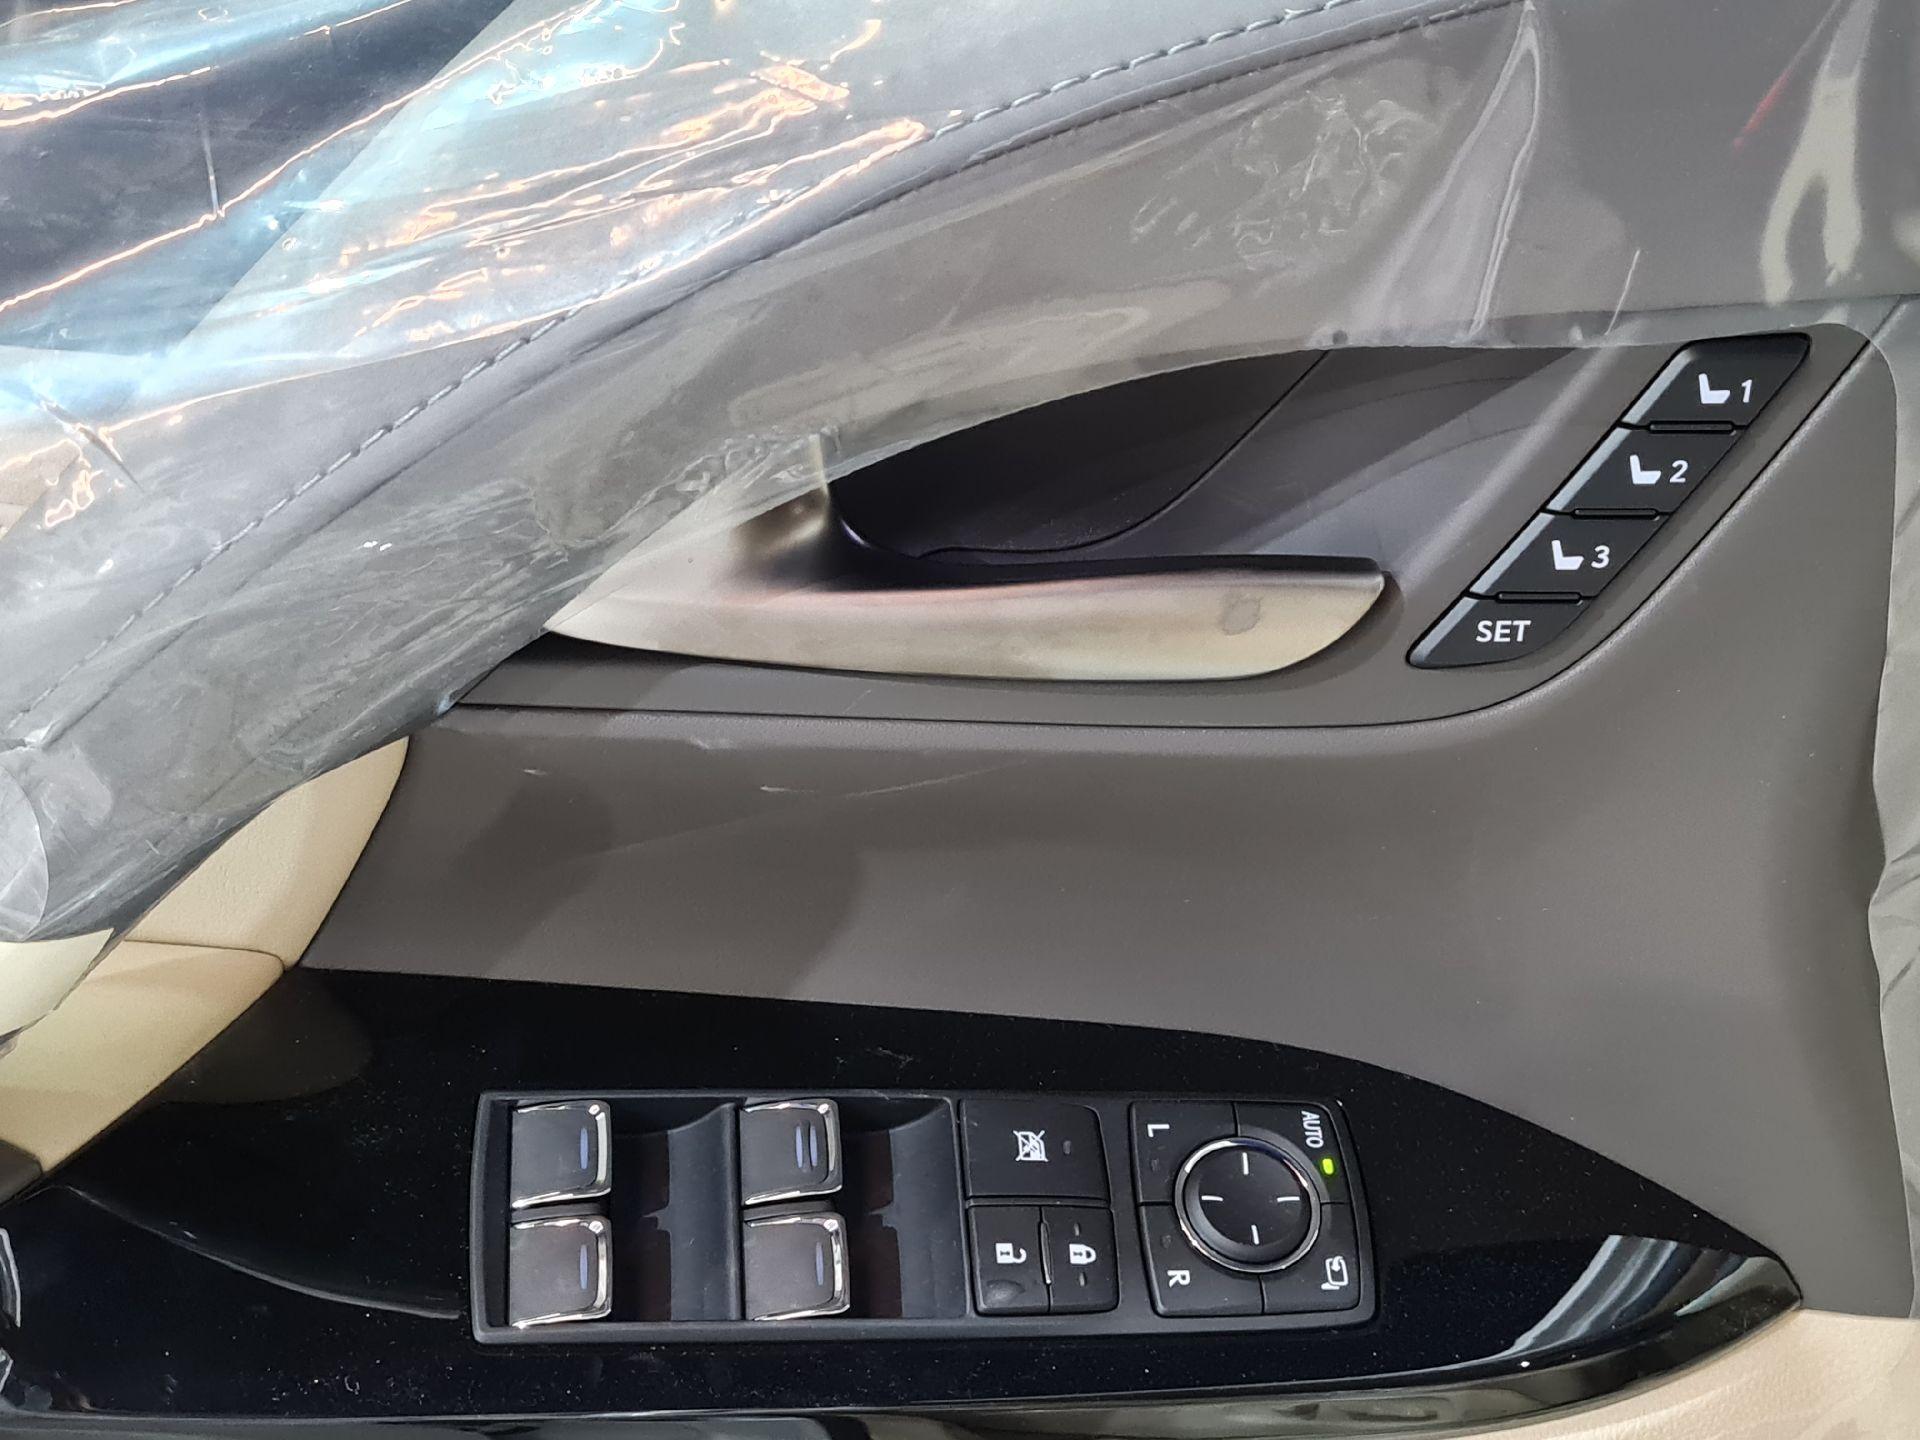 لكزس LX 570-S Sport فل 2021 دبل سعودي جديد للبيع في الرياض - السعودية - صورة كبيرة - 11